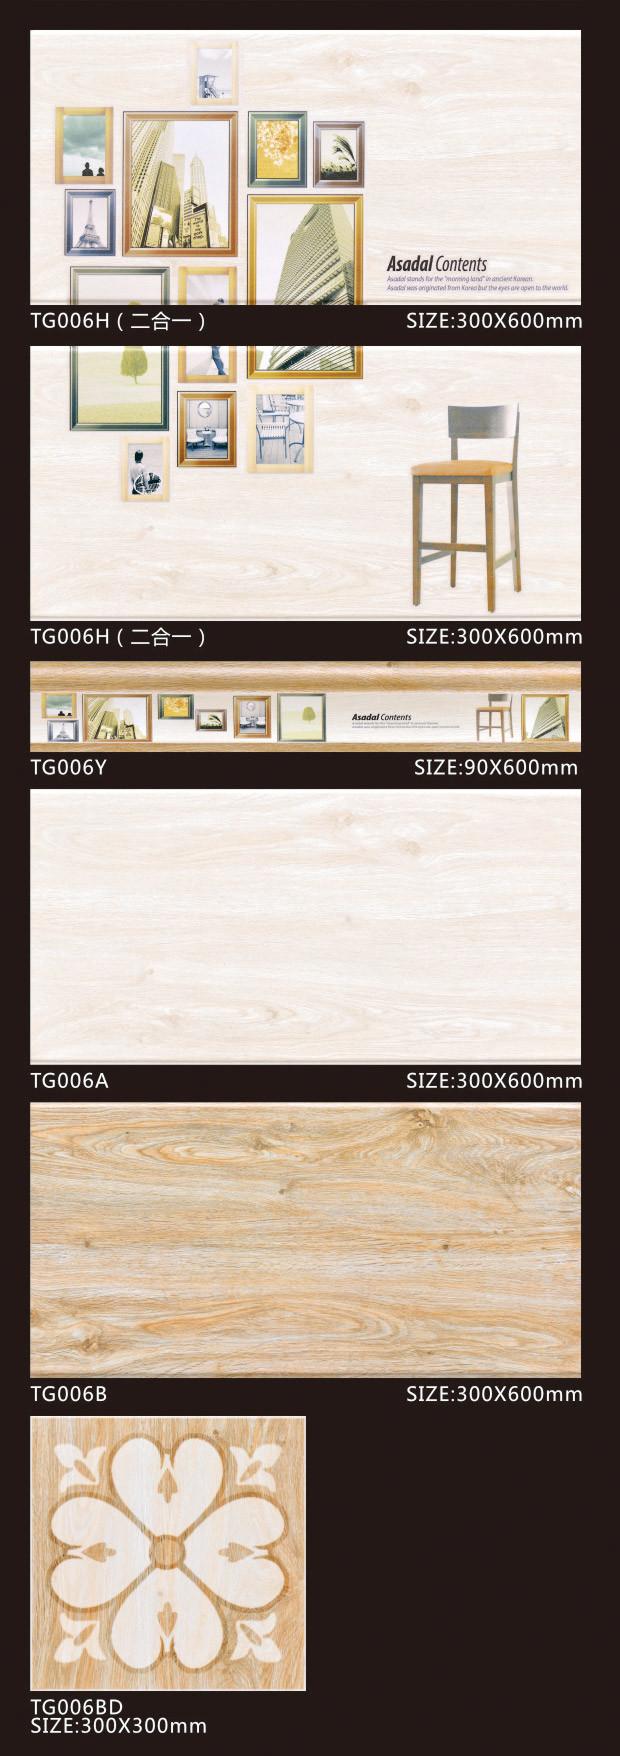 China Cerami⪞ Wall Tile with Fa⪞ Tory Pri⪞ E (≃ 00*&⪞ aret; 00mm)